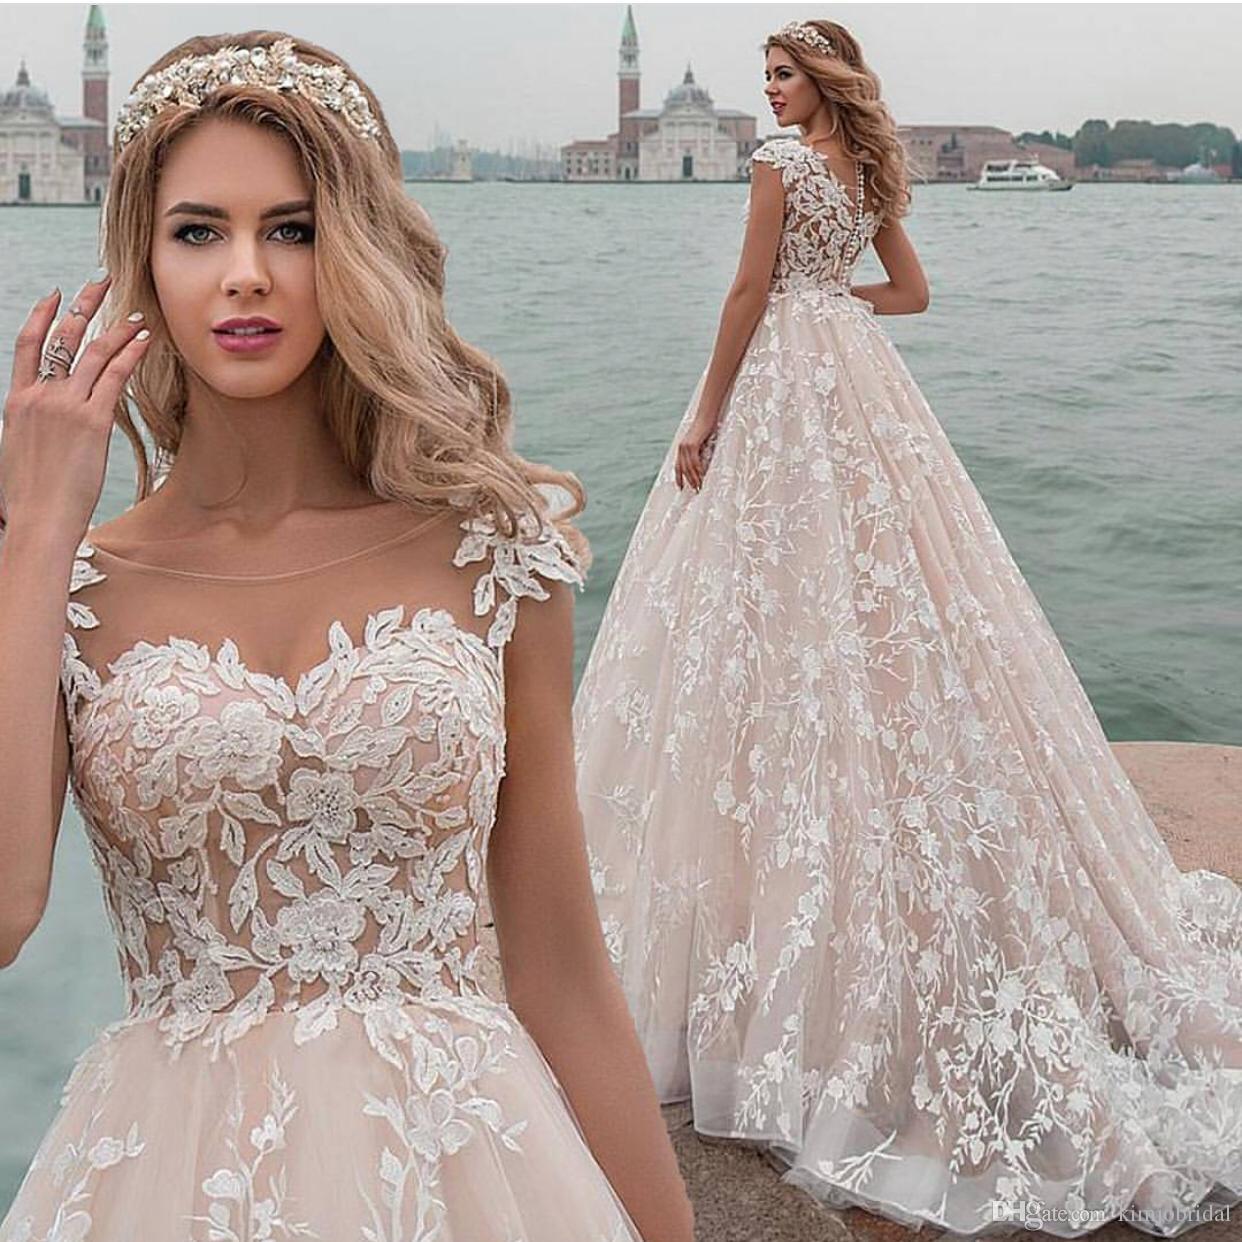 2019 Cap Sleeve 3D Applique Wedding Dresses Bridal Gown Lace Applique  Champagne Elegant Bridal Dress Vestido De Noiva Beautiful Dresses Boutique  Dresses ... c7c0942cc5c4